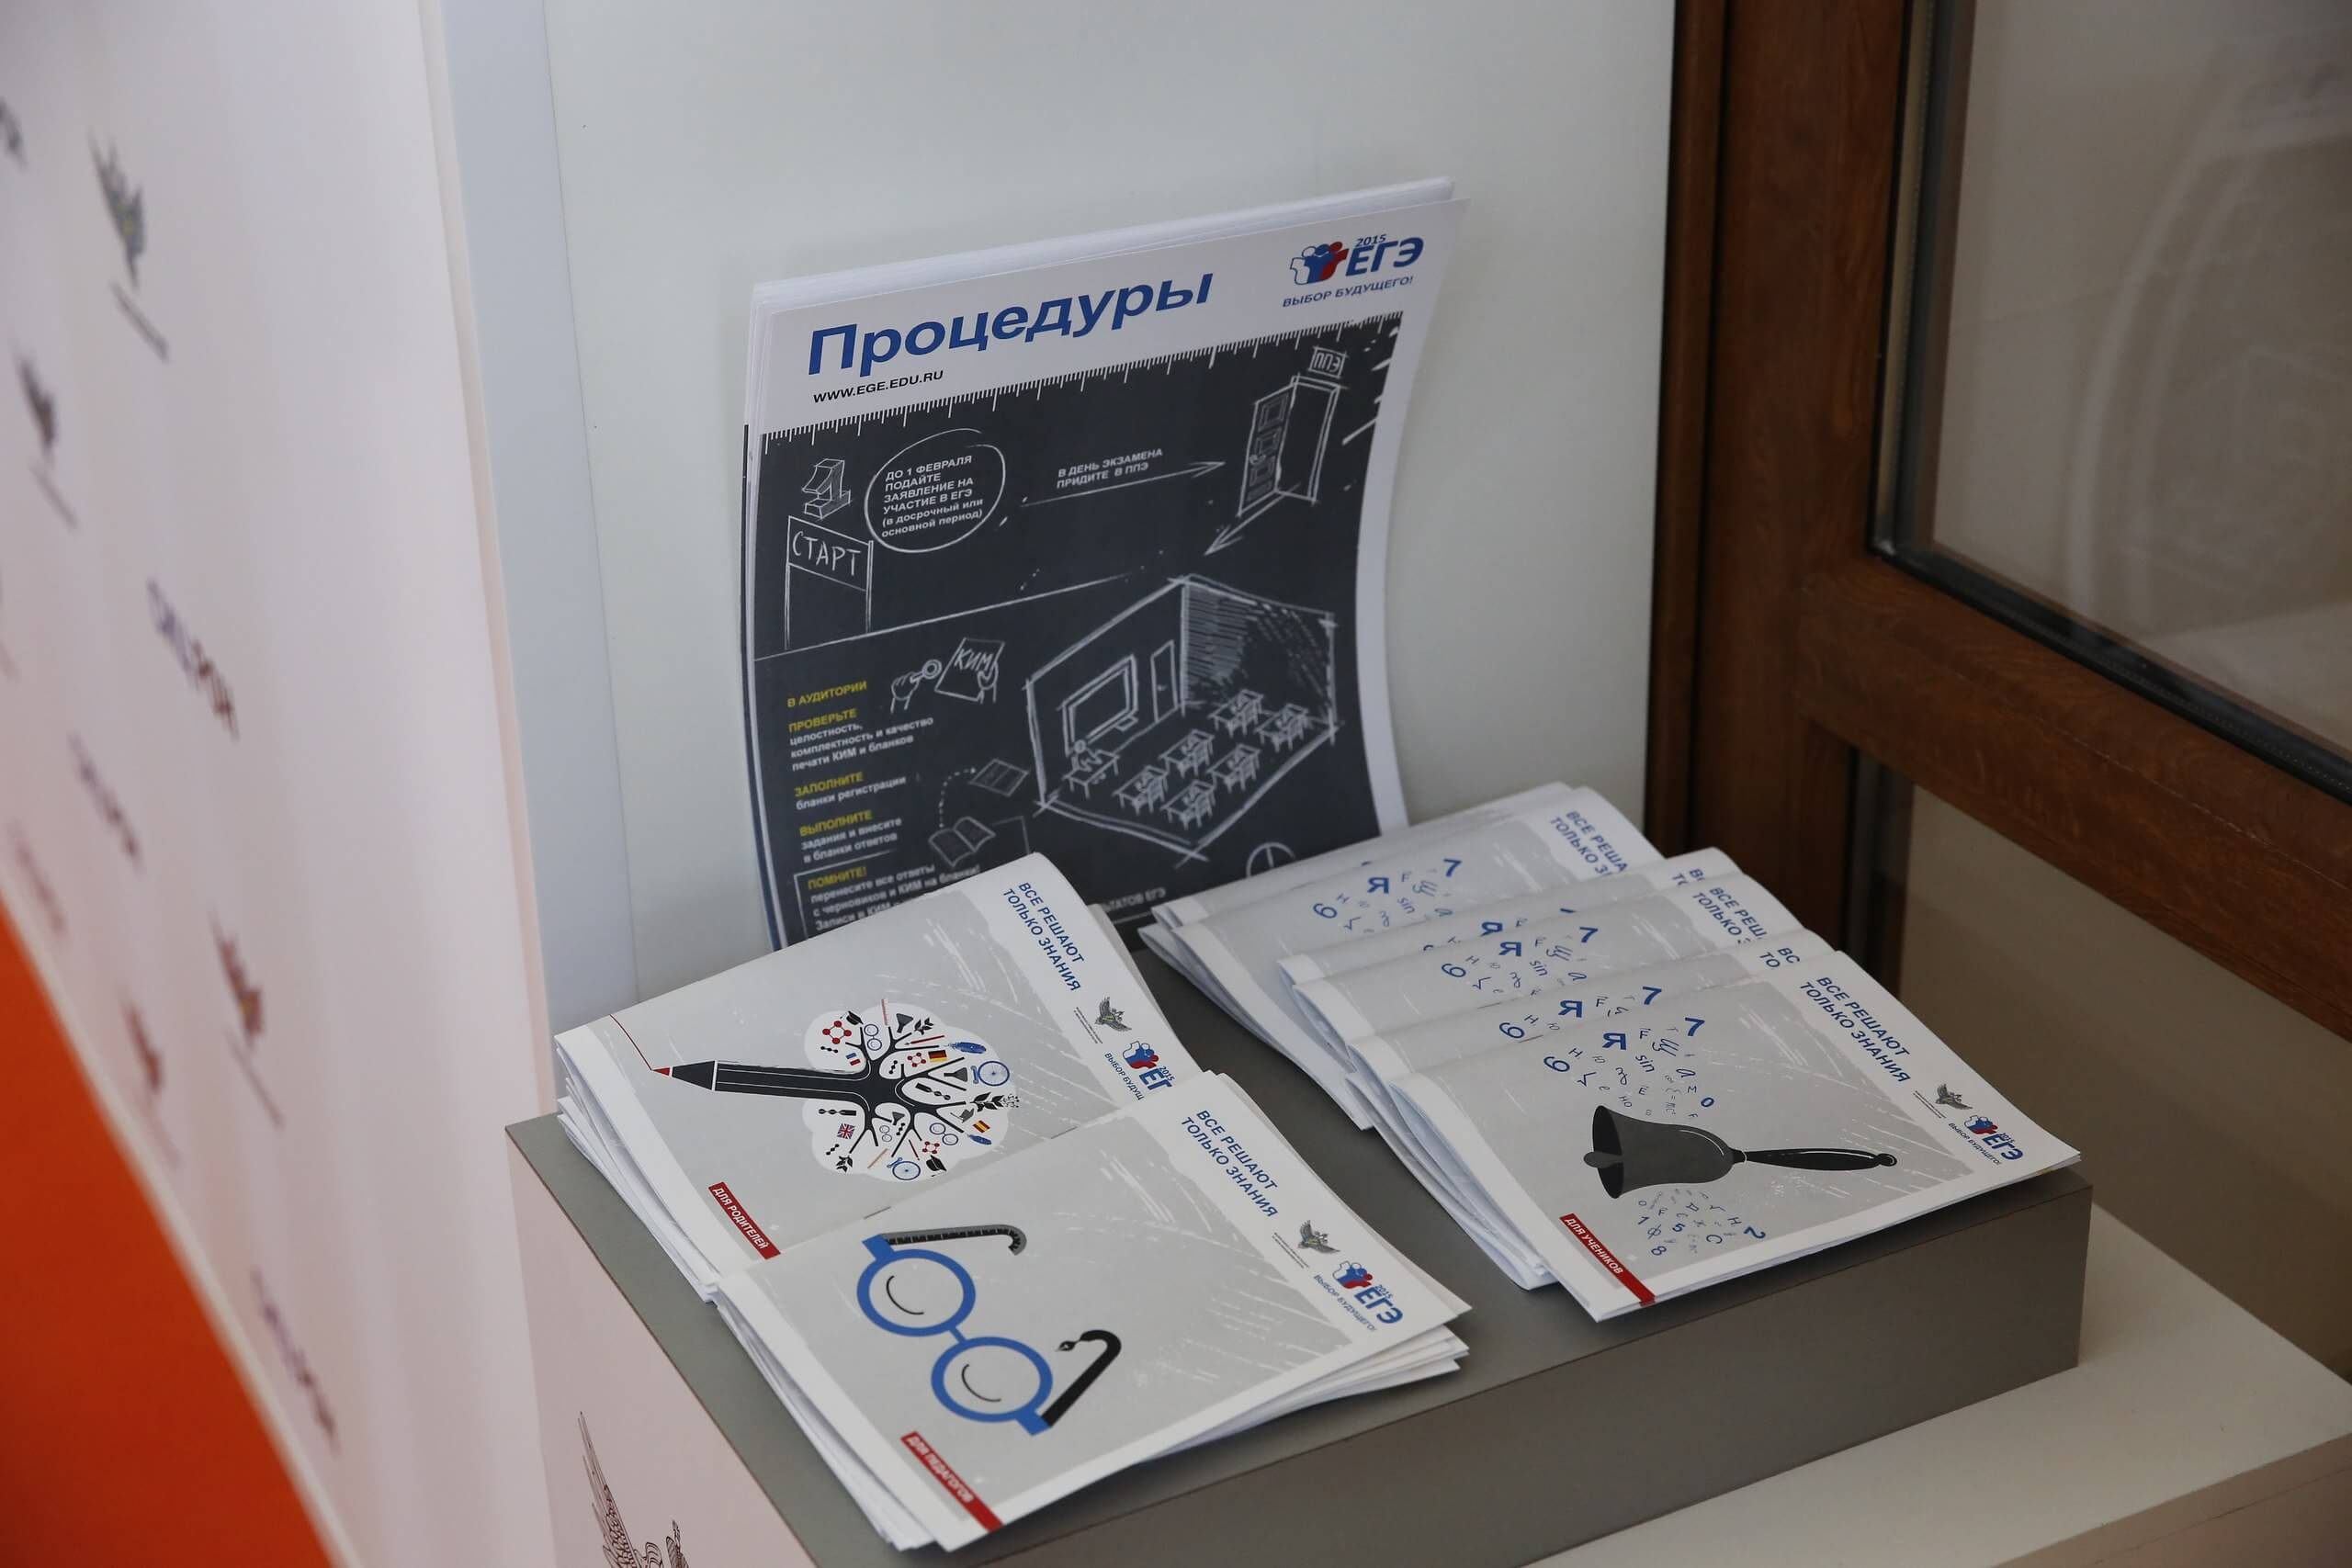 Рособрнадзор подготовил брошюры-рекомендации для учеников, родителей и педагогов в помощь при подготовке к ЕГЭ